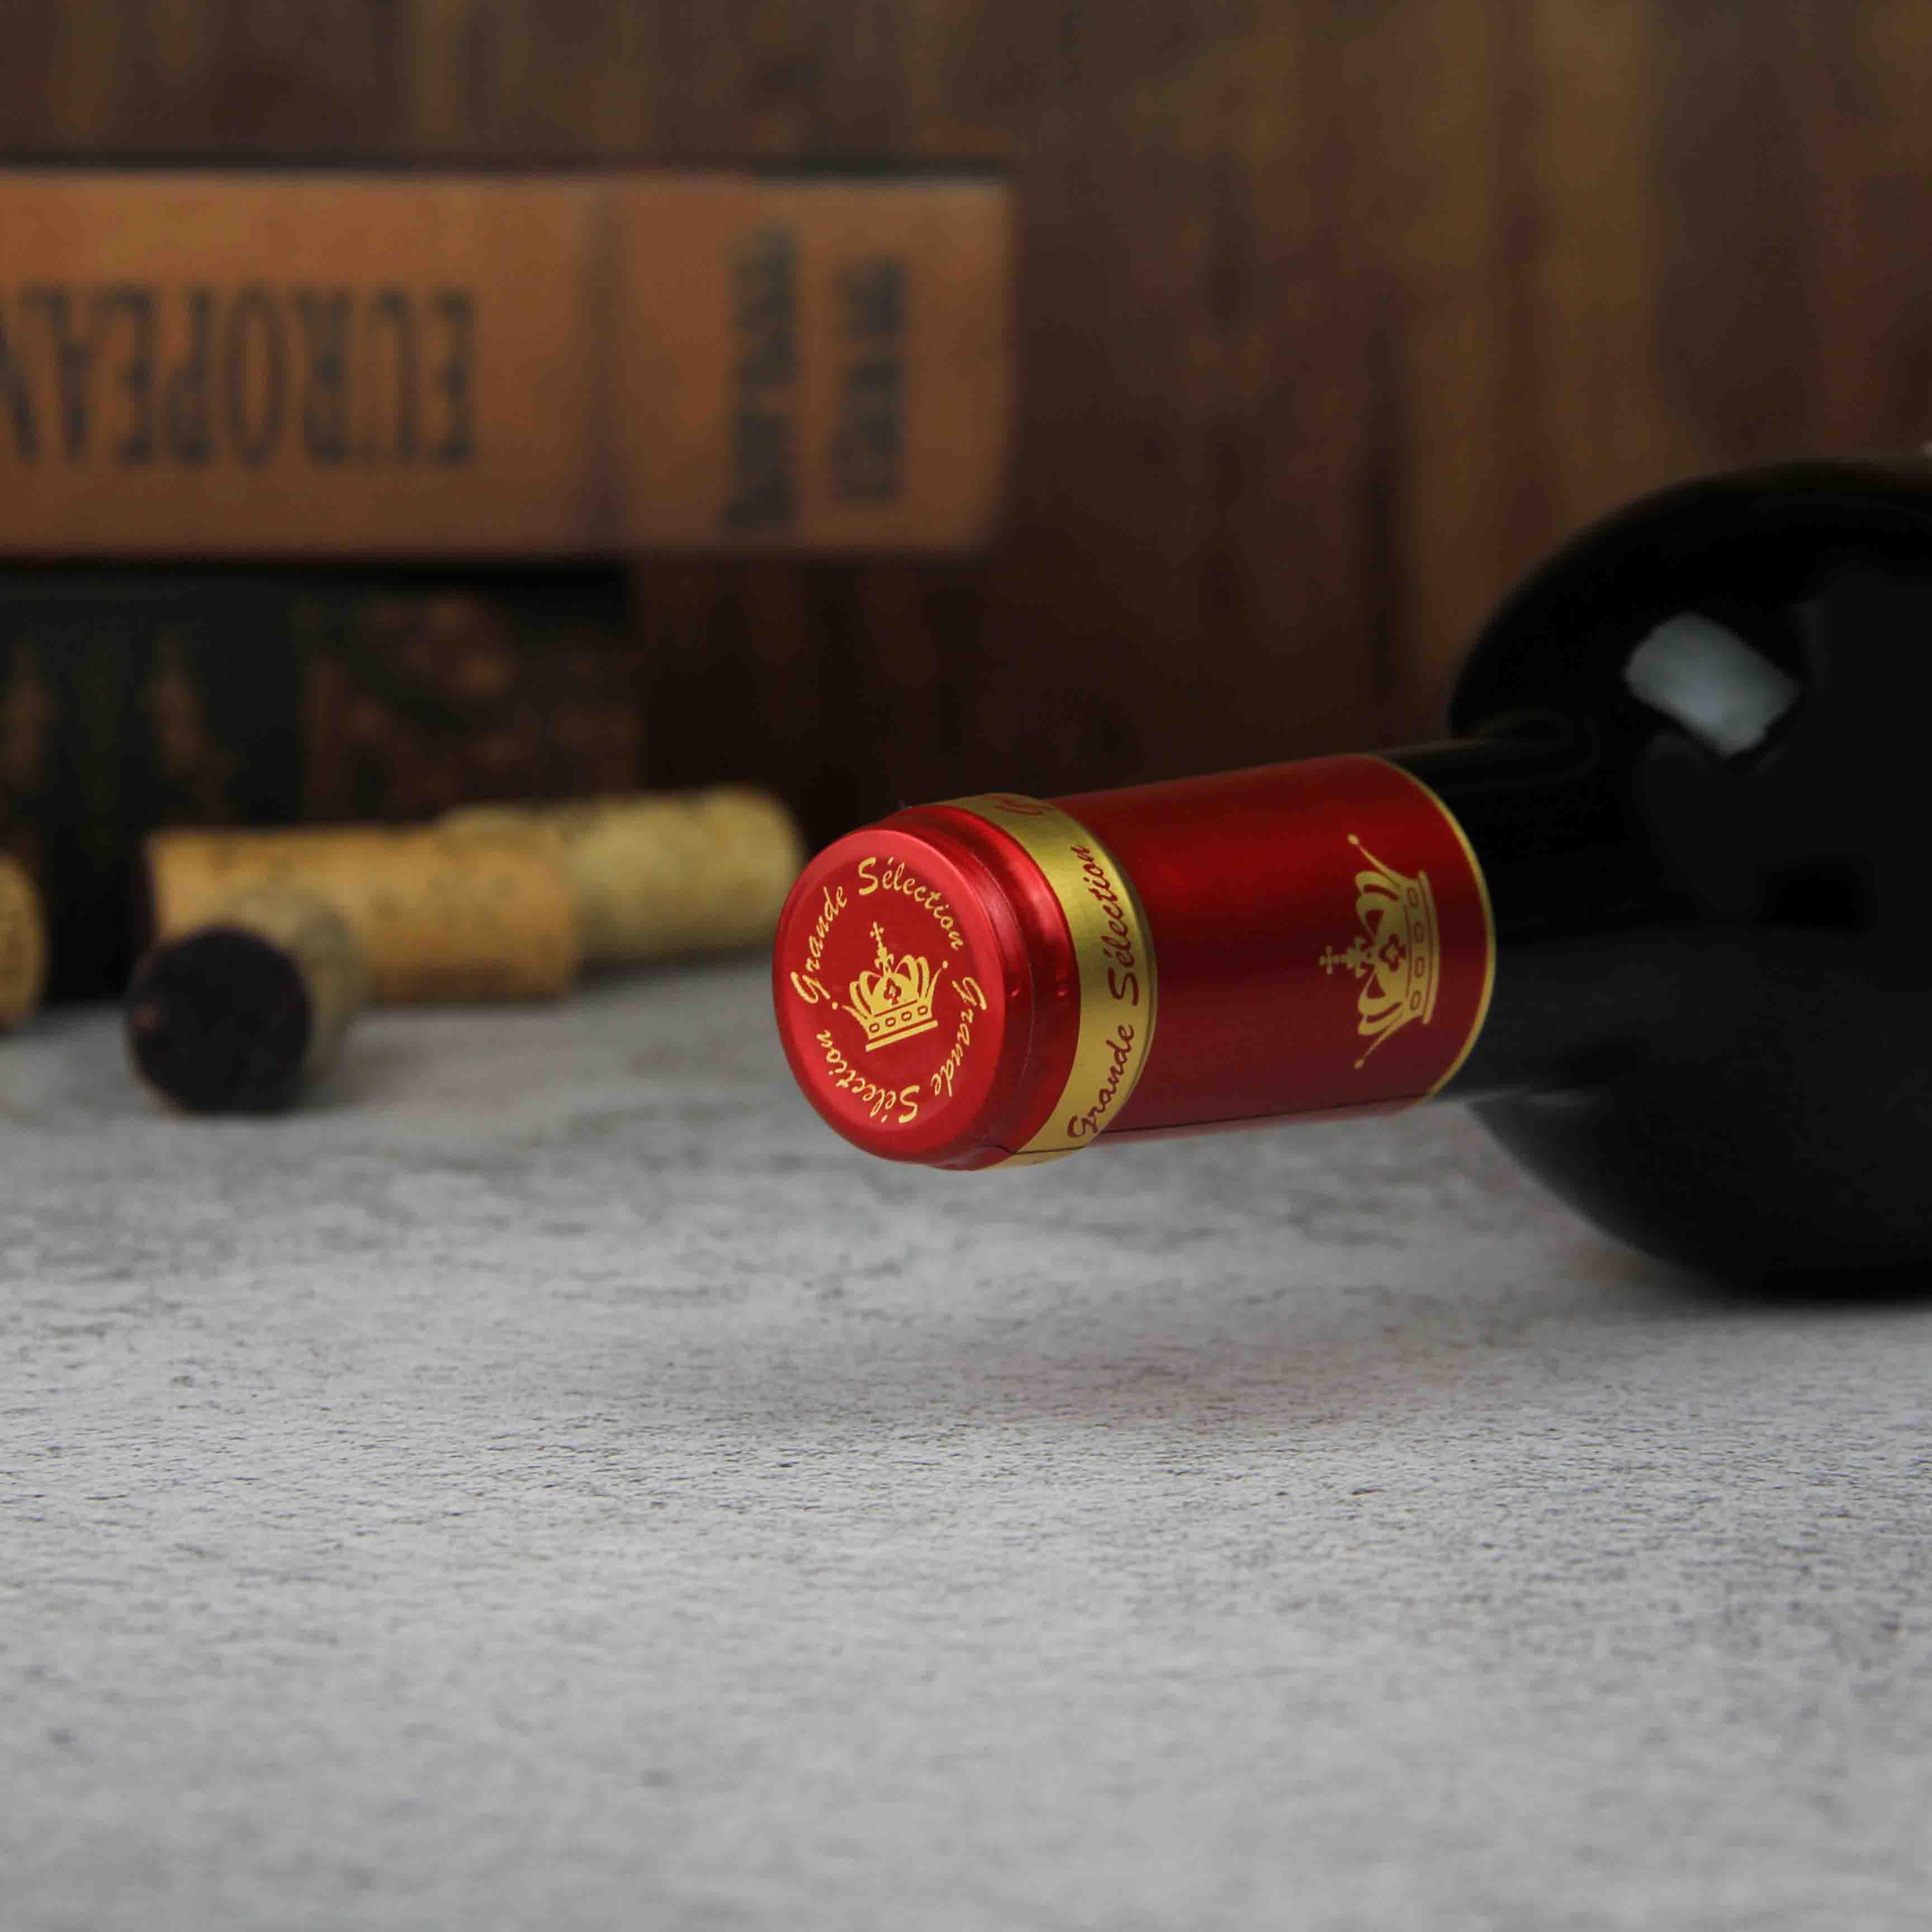 法国新侯爵红葡萄酒